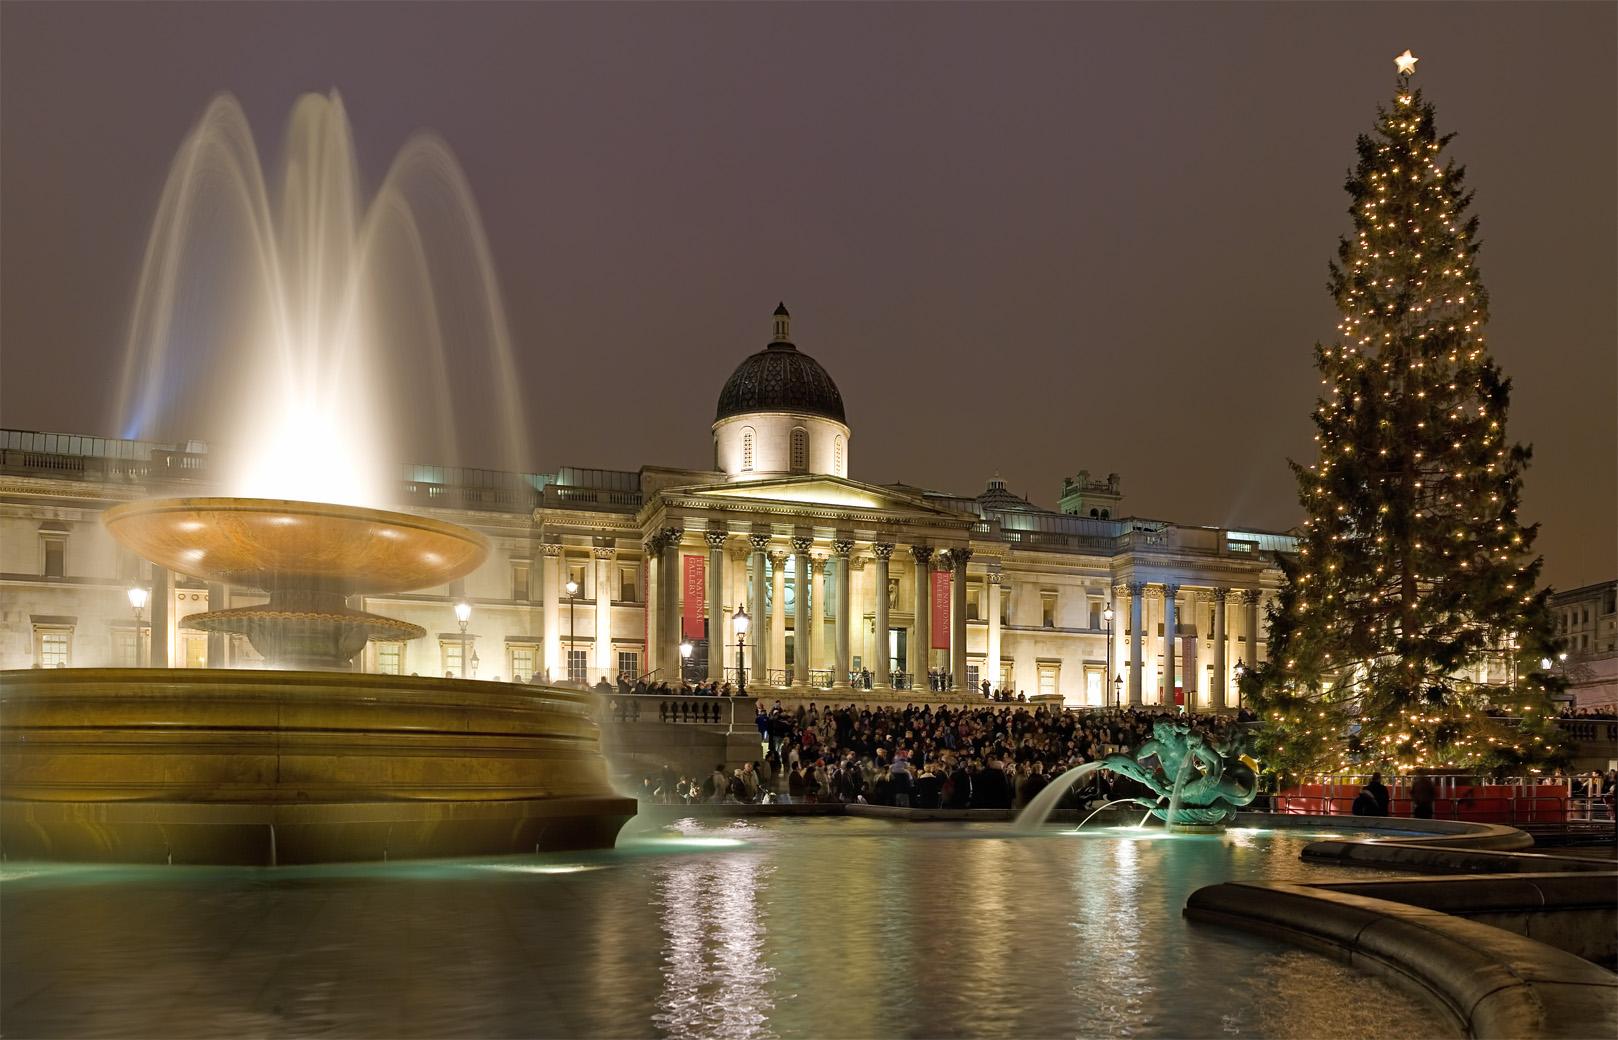 Noël à Londres / Trafalgar